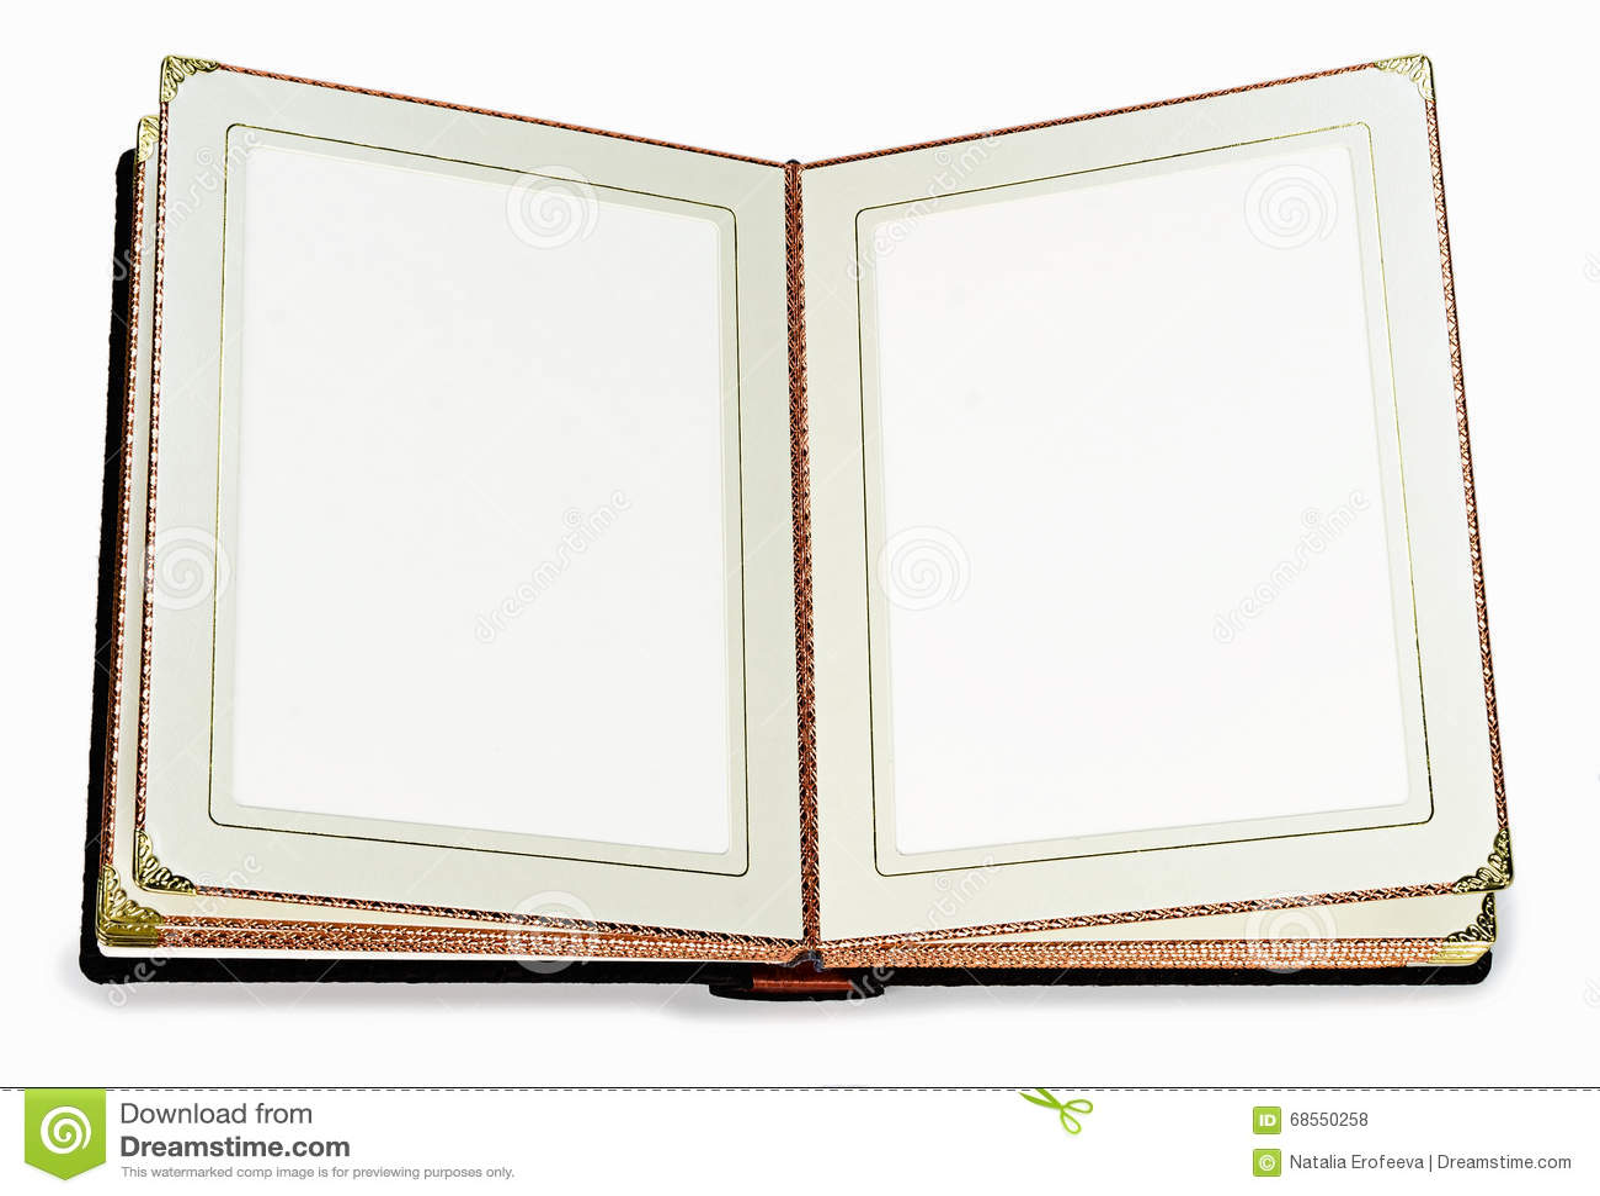 livre ouvert avec les pages vides et cadre d coratif pour le texte photo stock image 68550258. Black Bedroom Furniture Sets. Home Design Ideas